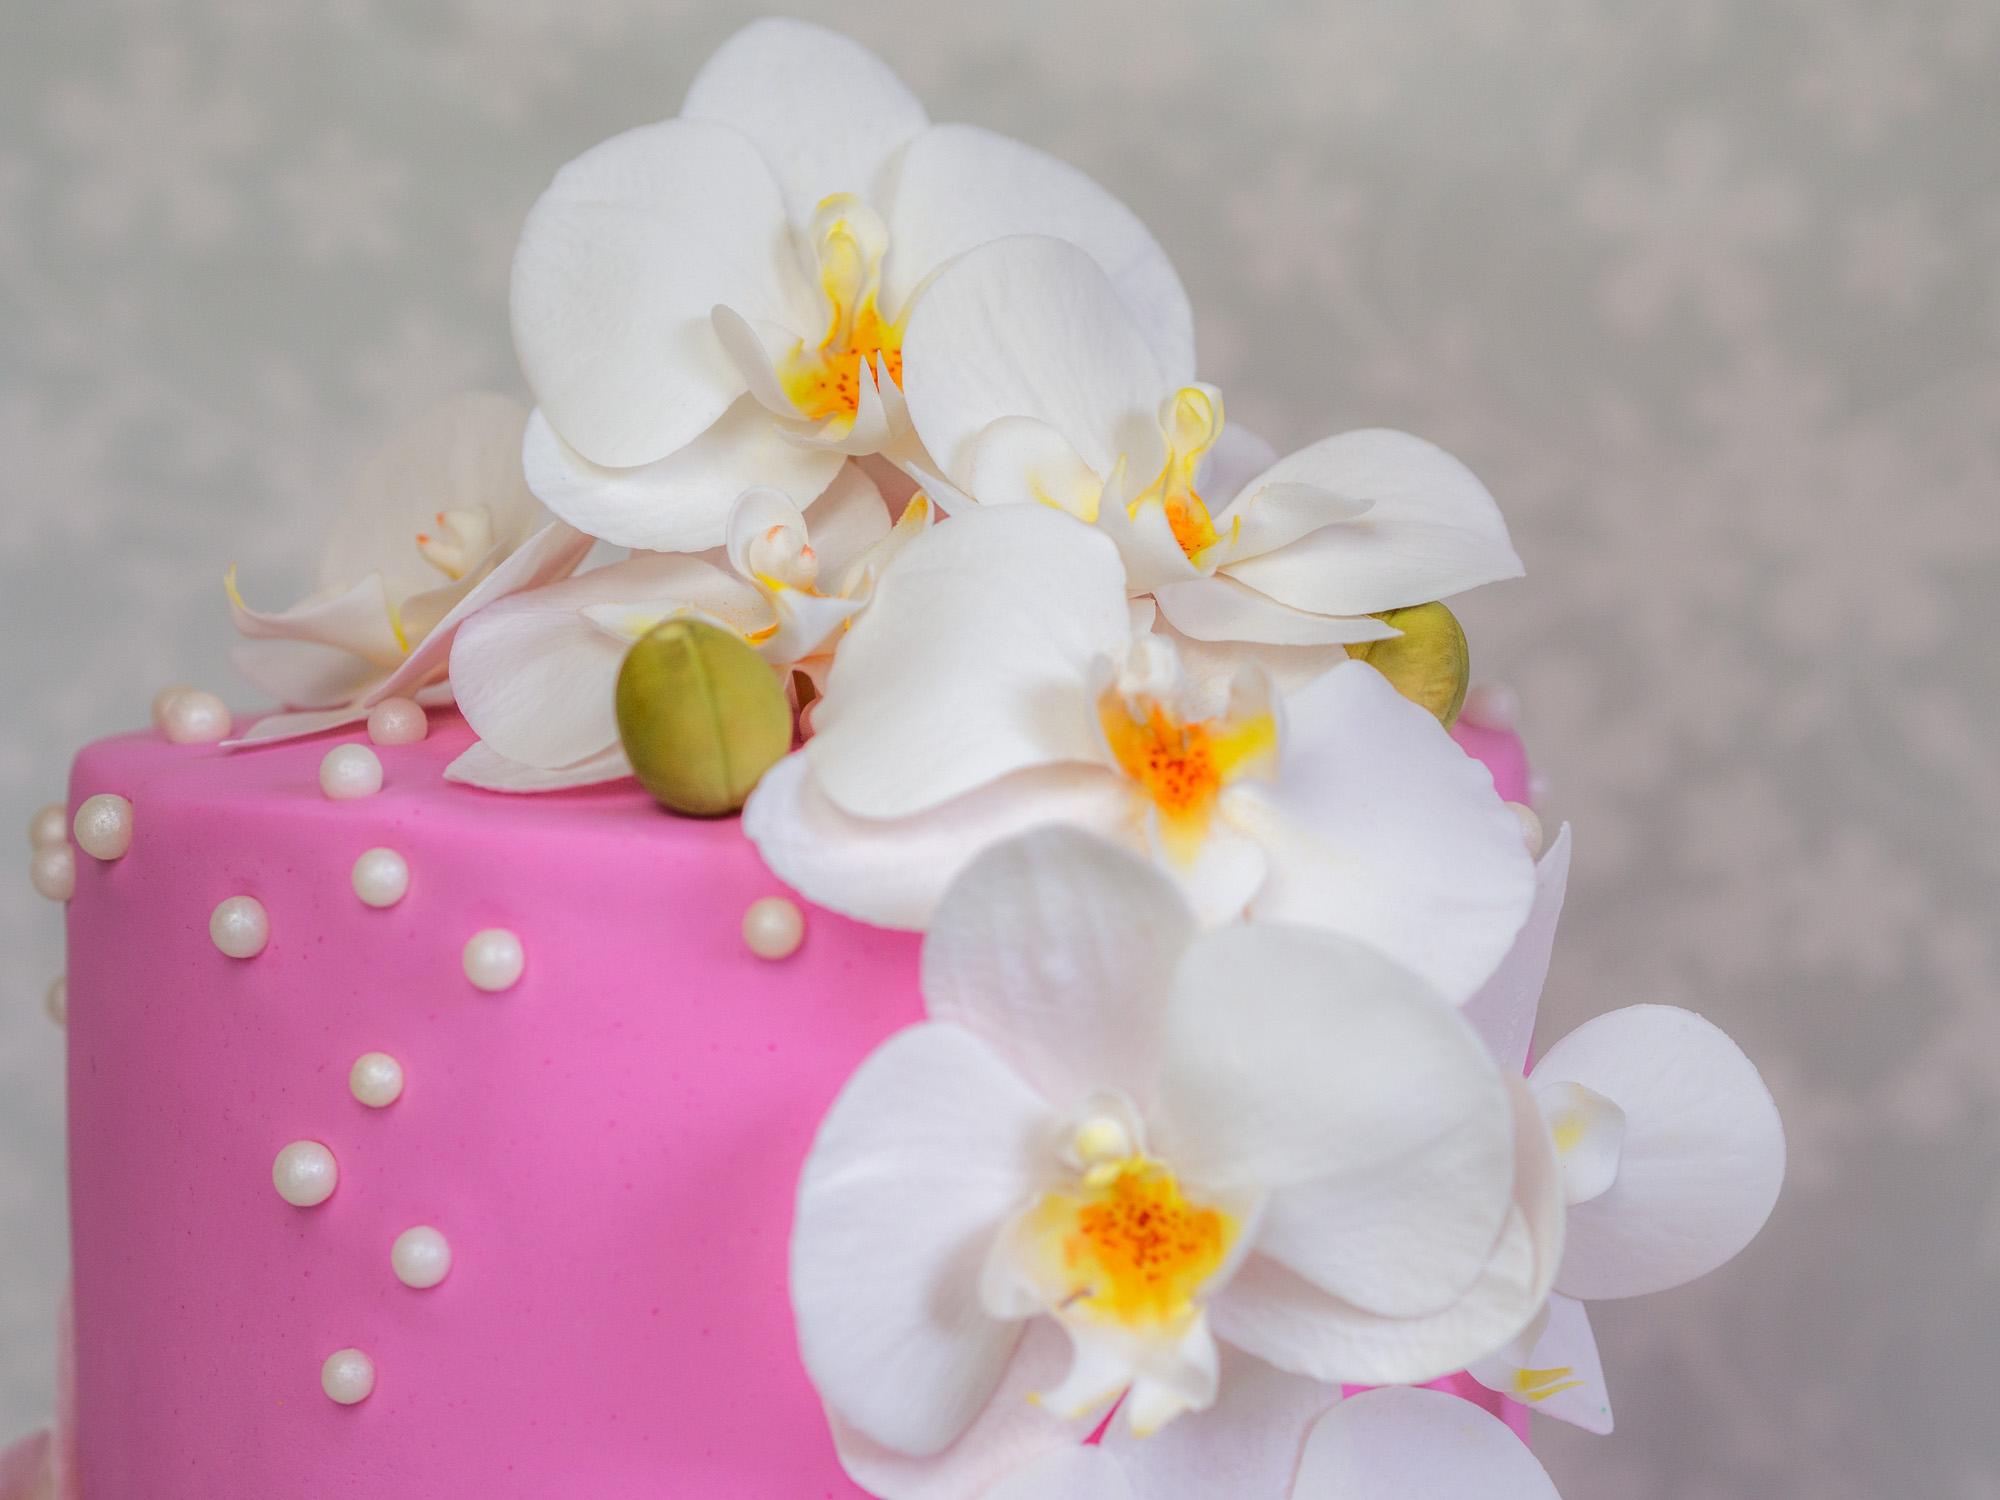 Eine orchideen torte zum geburtstag ofenkieker eine orchideen torte zum geburtstag thecheapjerseys Choice Image